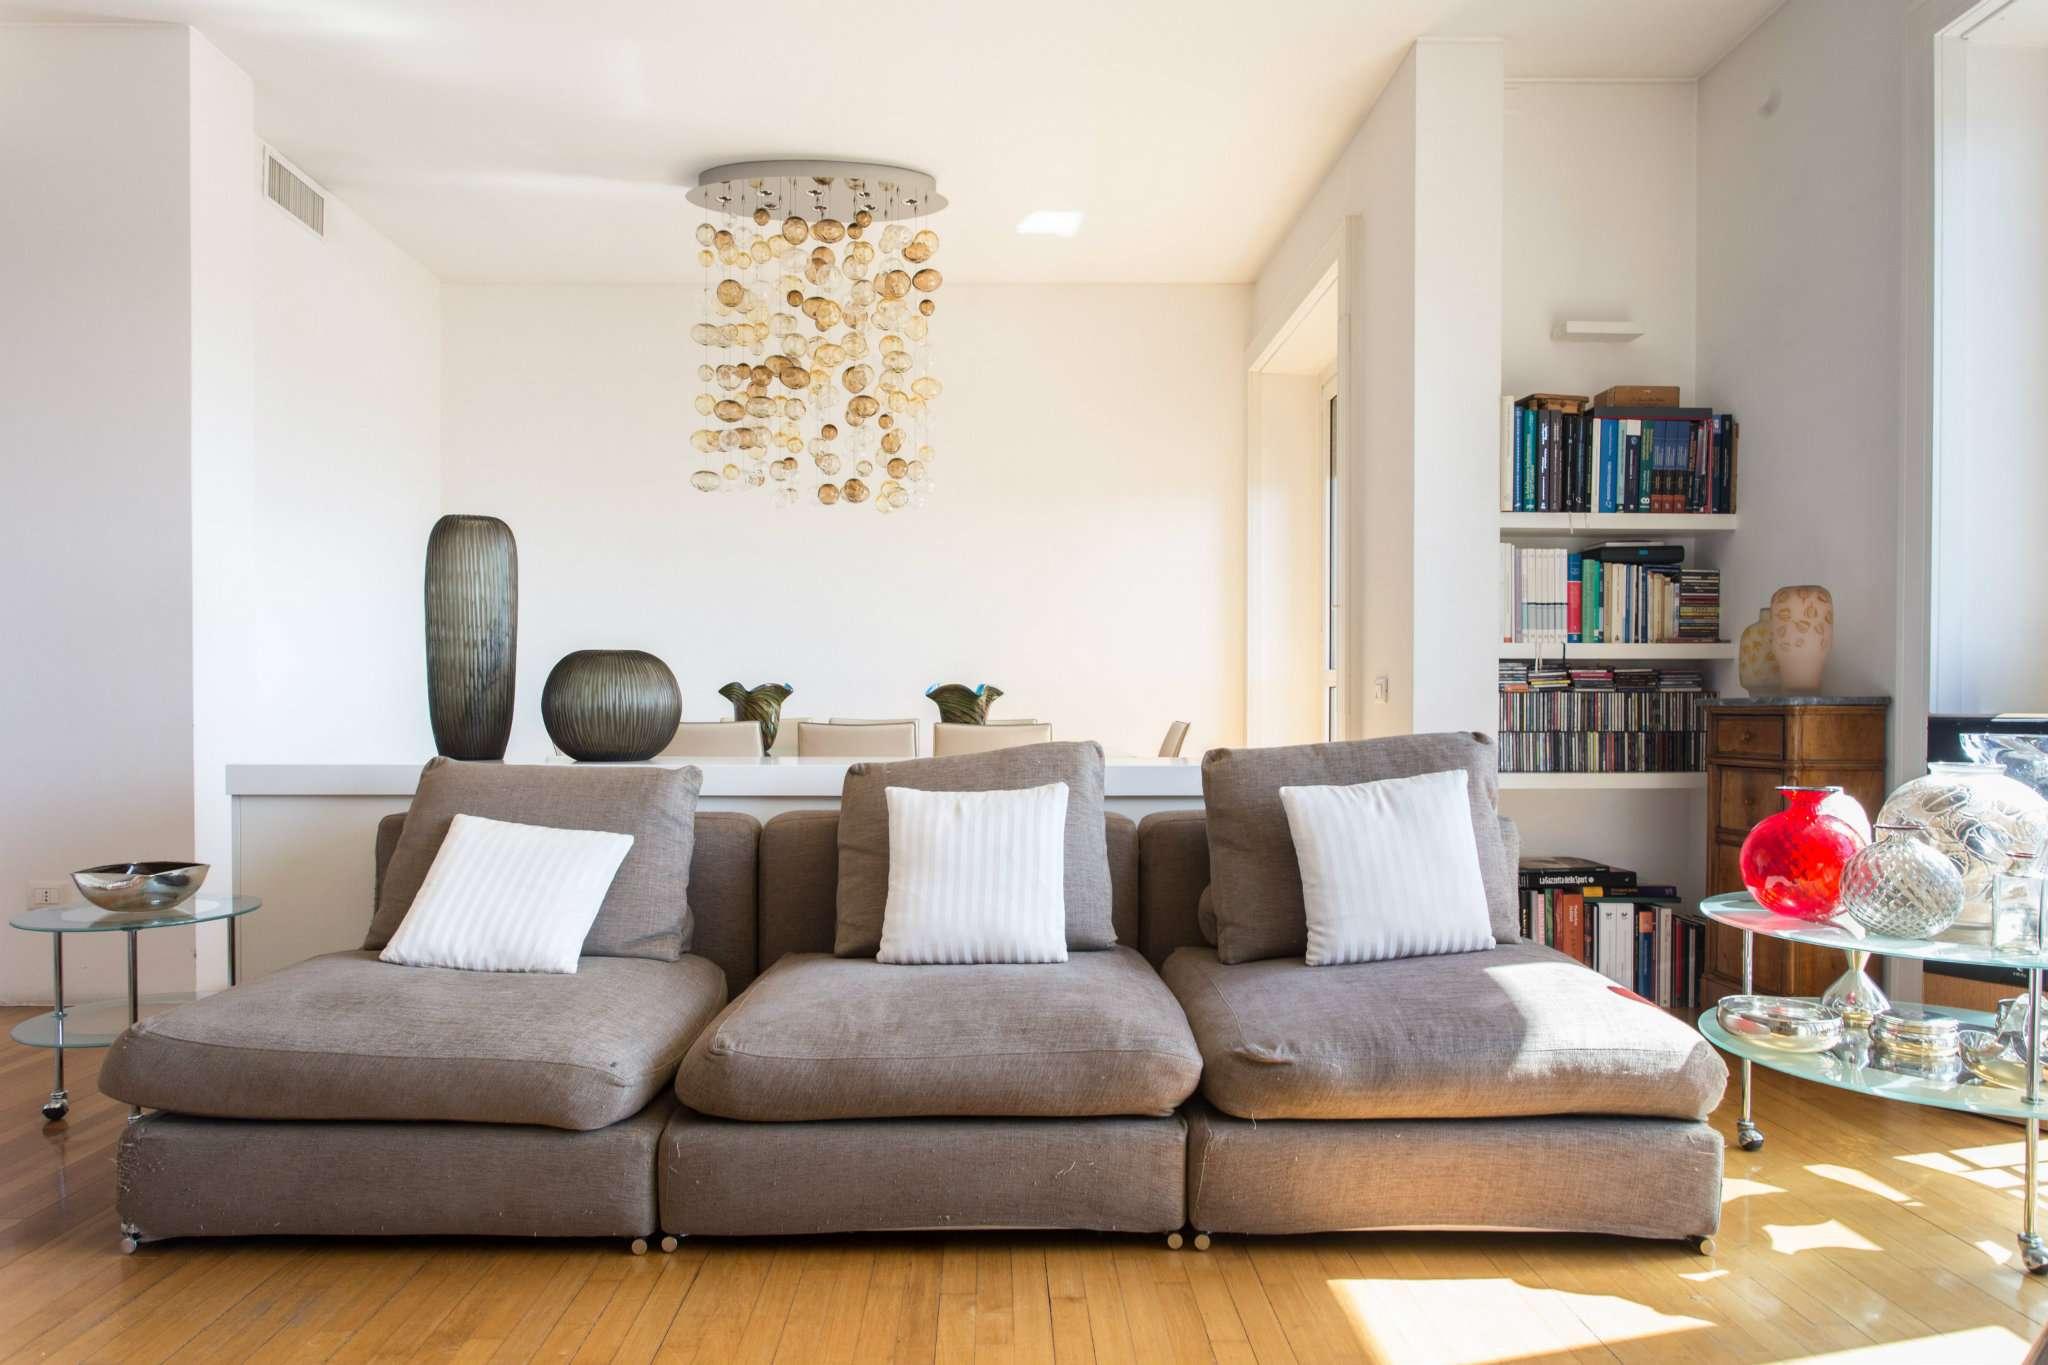 Appartamento in vendita a Milano, 5 locali, zona Zona: 15 . Fiera, Firenze, Sempione, Pagano, Amendola, Paolo Sarpi, Arena, prezzo € 850.000 | Cambio Casa.it